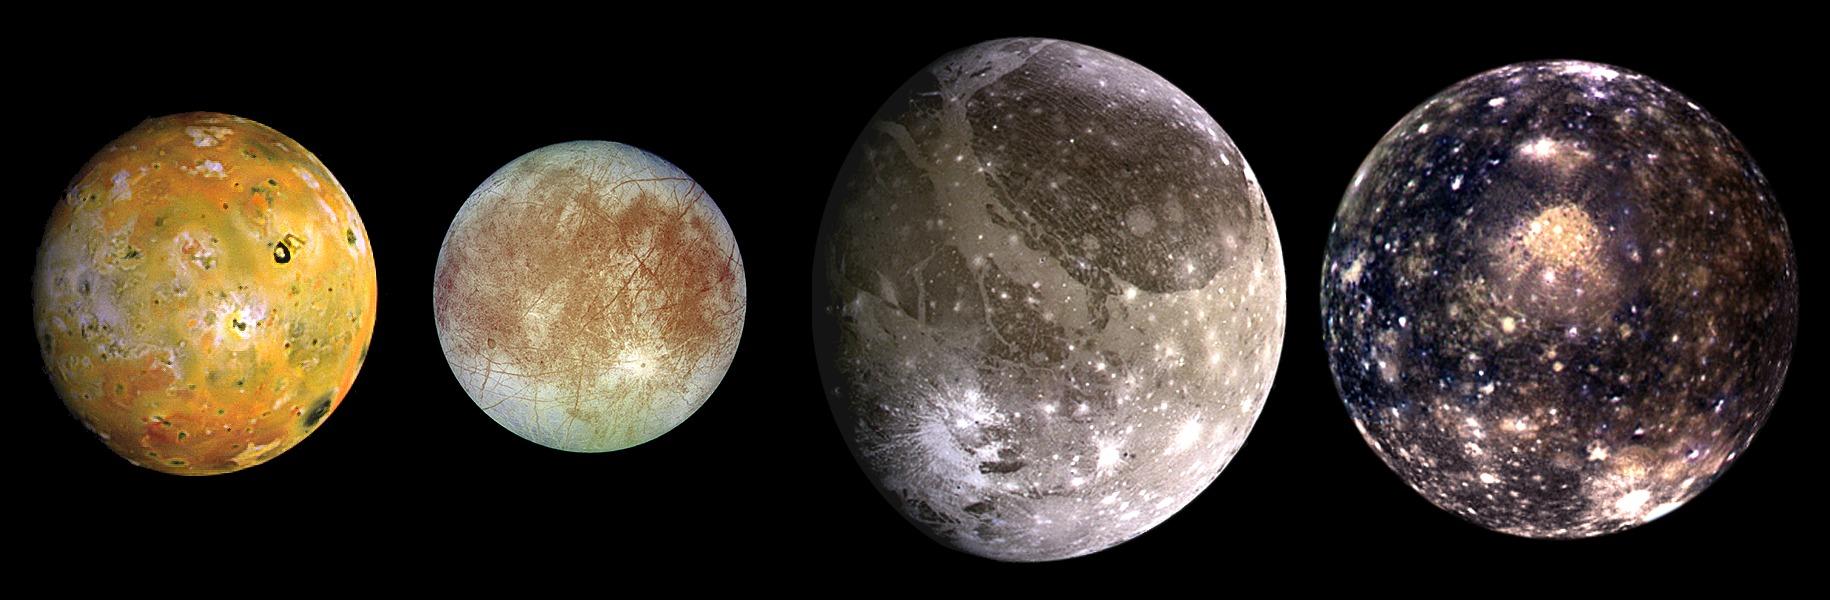 Les lunes galiléennes